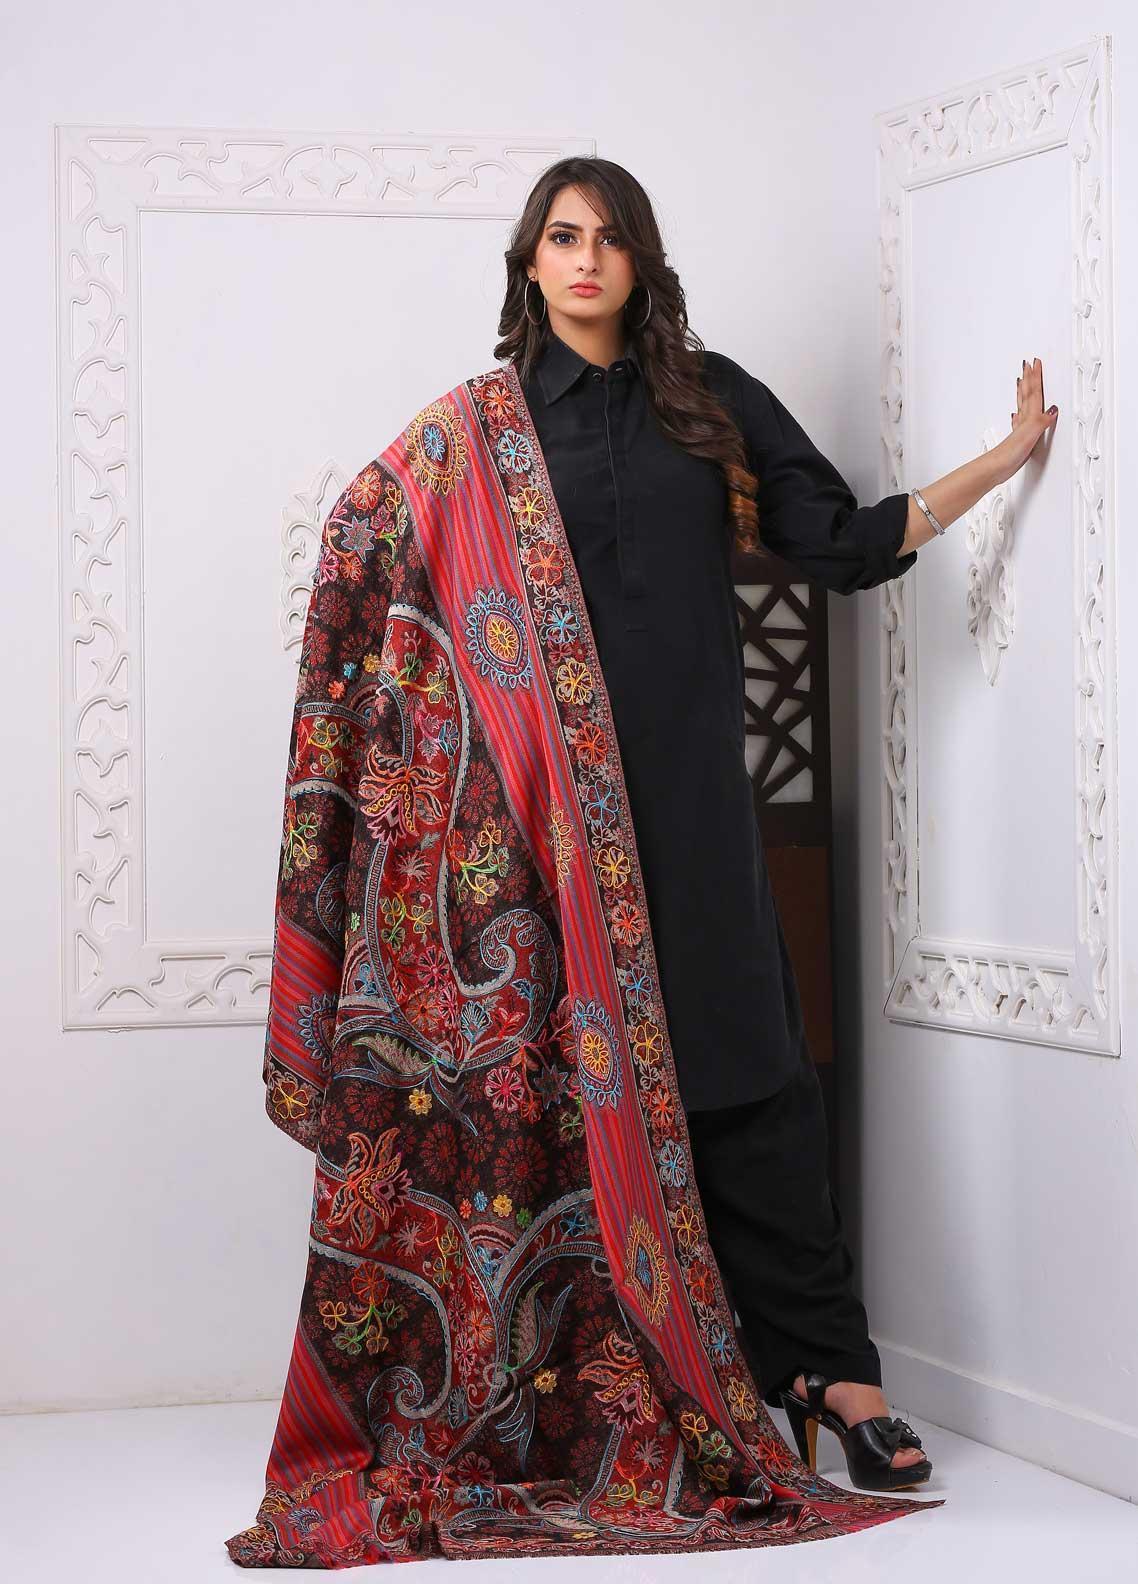 Sanaulla Exclusive Range Embroidered Premium Pashmina  Shawl PRMSH 323804 - Premium Pashmina Shawls